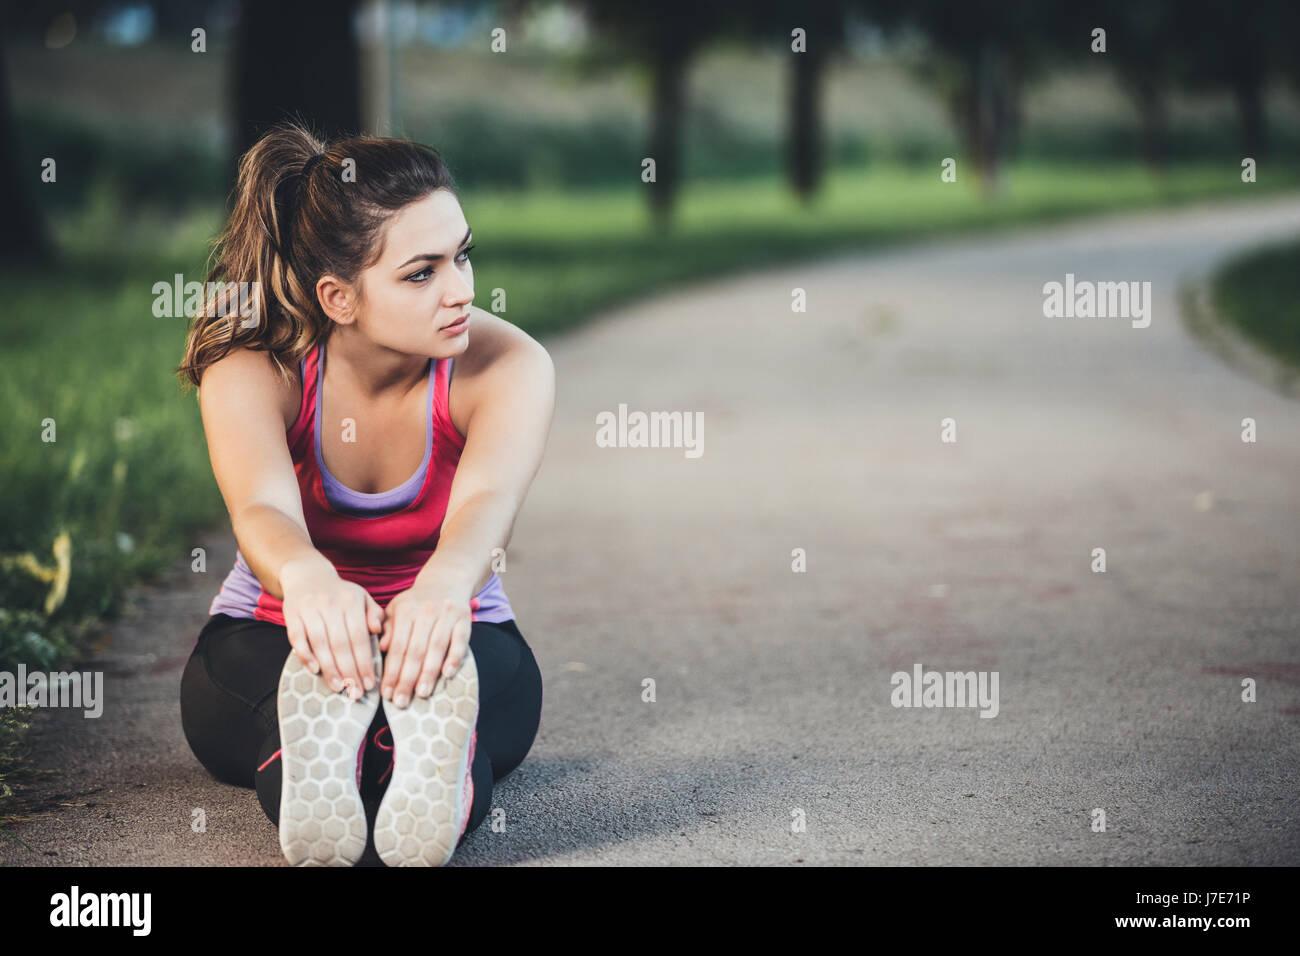 La mujer es el estiramiento antes de correr. Fitness y concepto de estilo de vida. Foto de stock